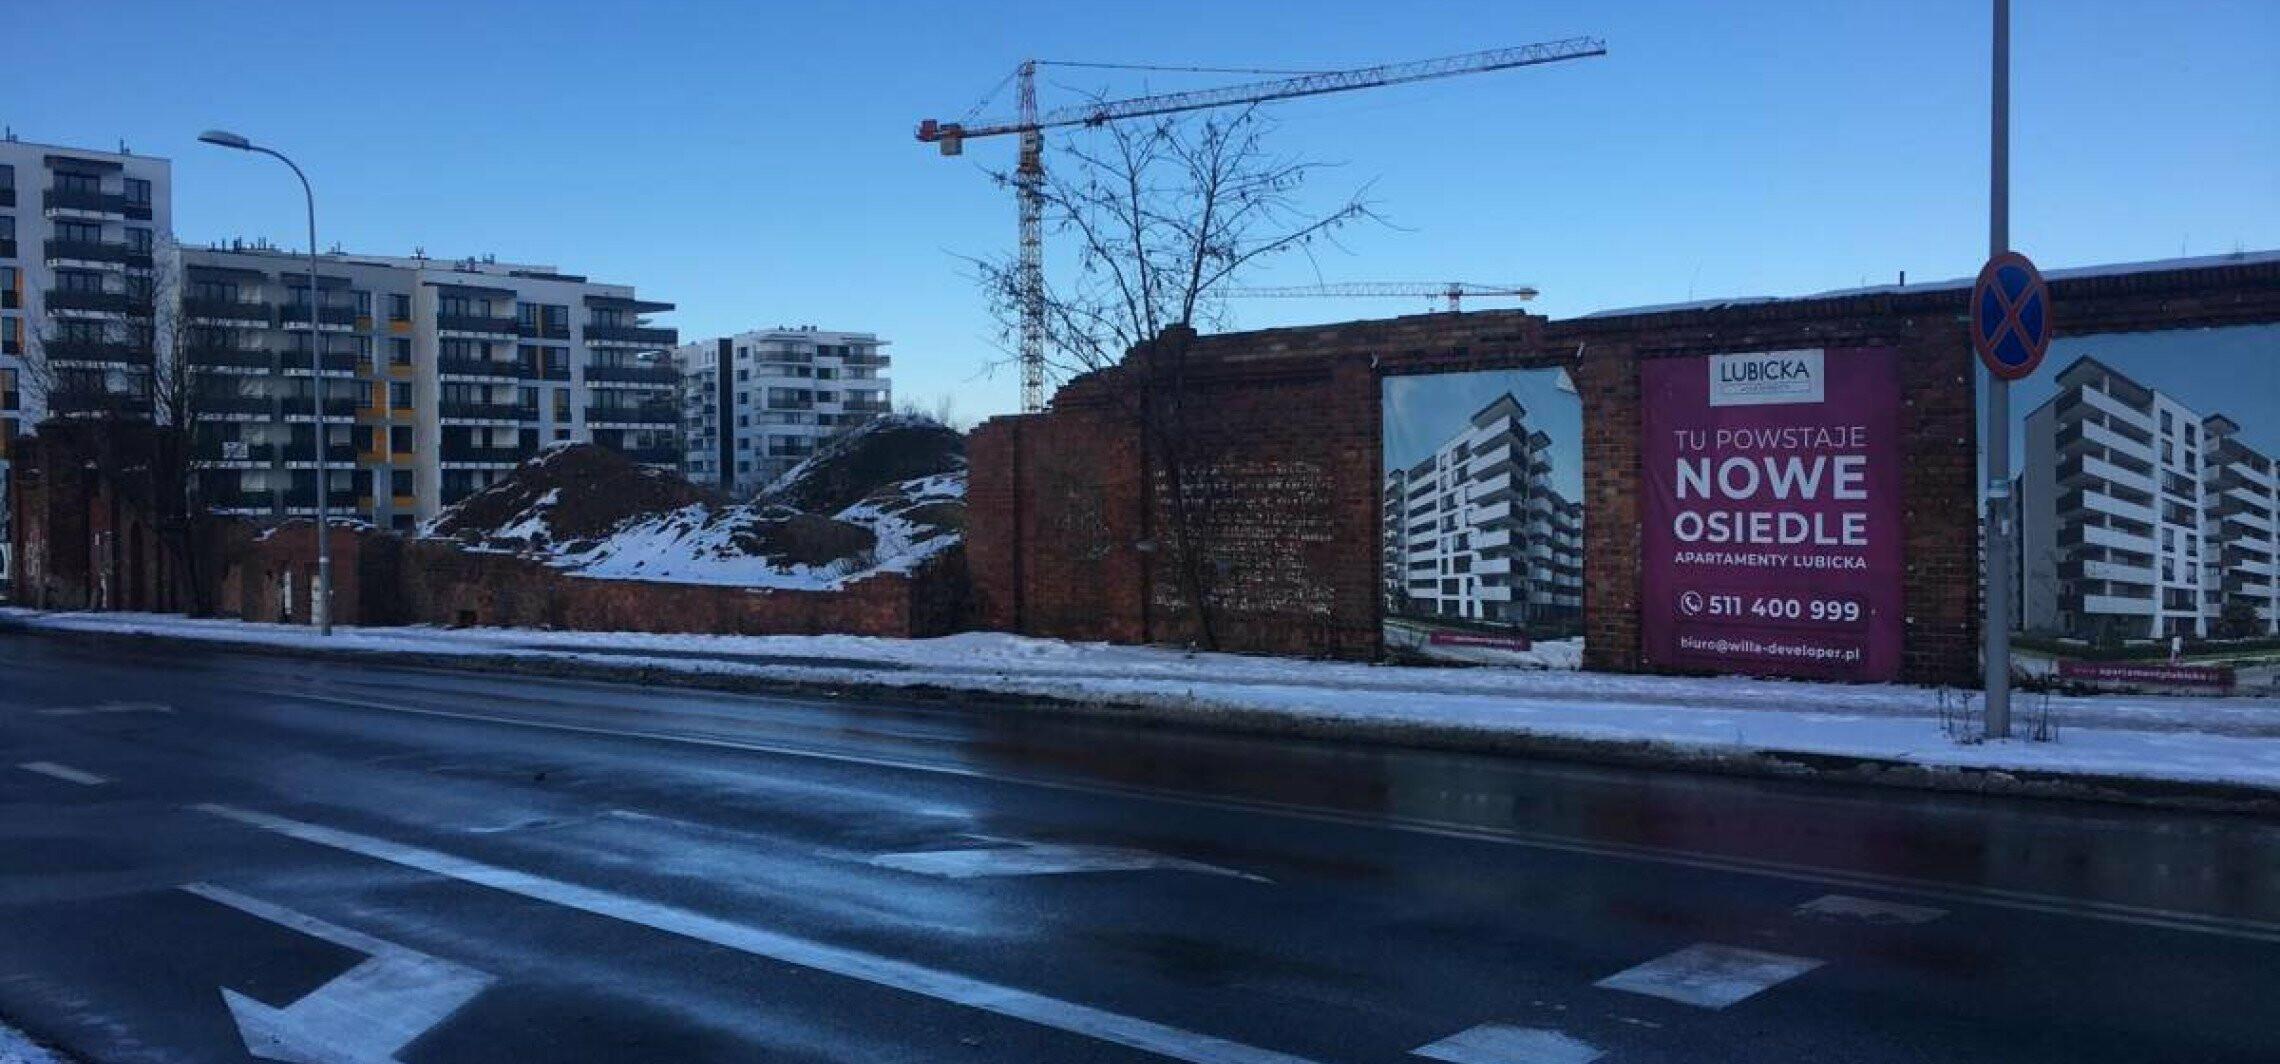 Toruń - Runęły mury Tormięsu. Zniknęły historyczne napisy